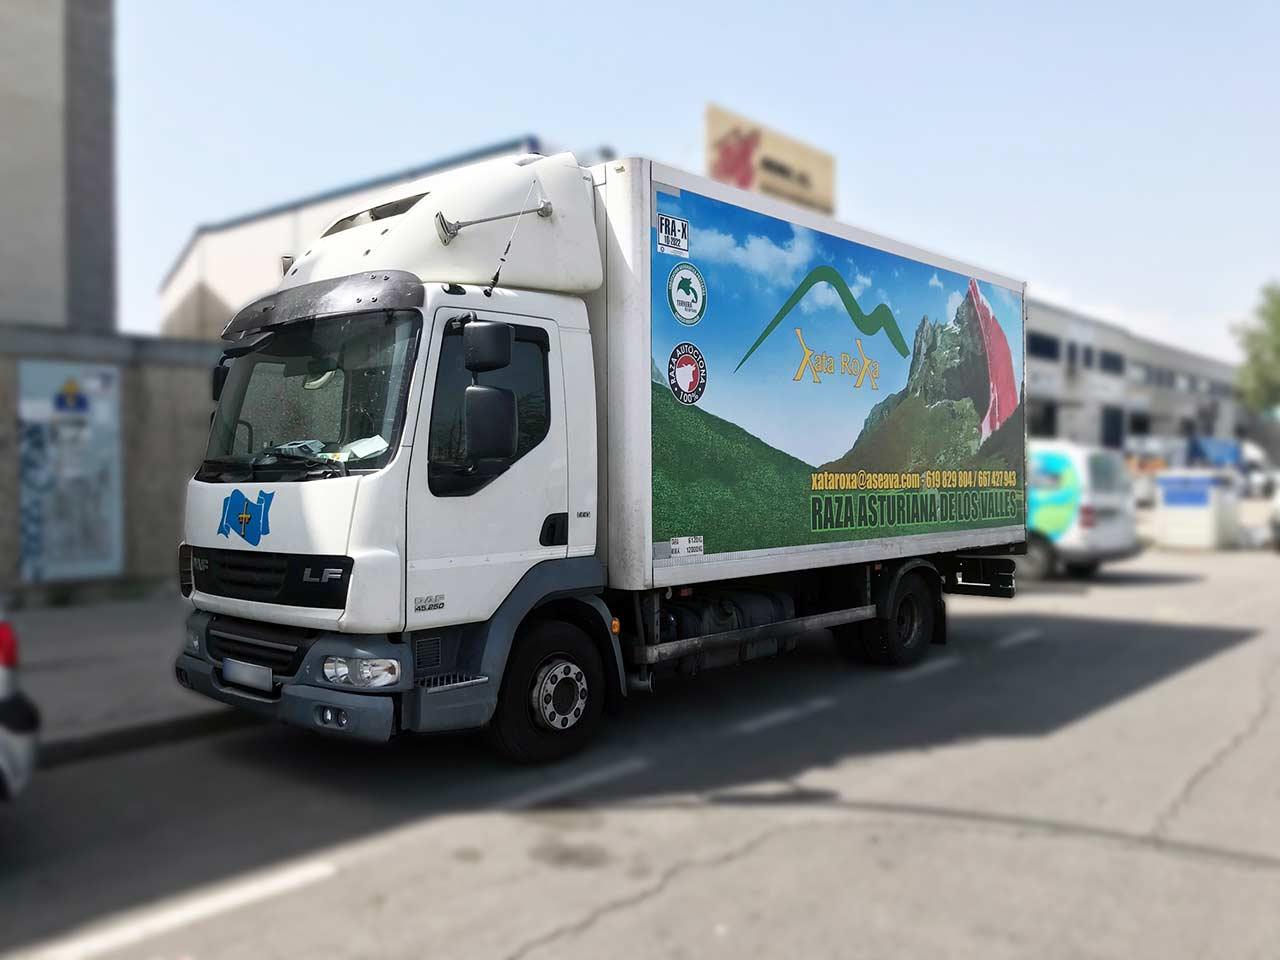 Rotular camión en Madrid Vallecas